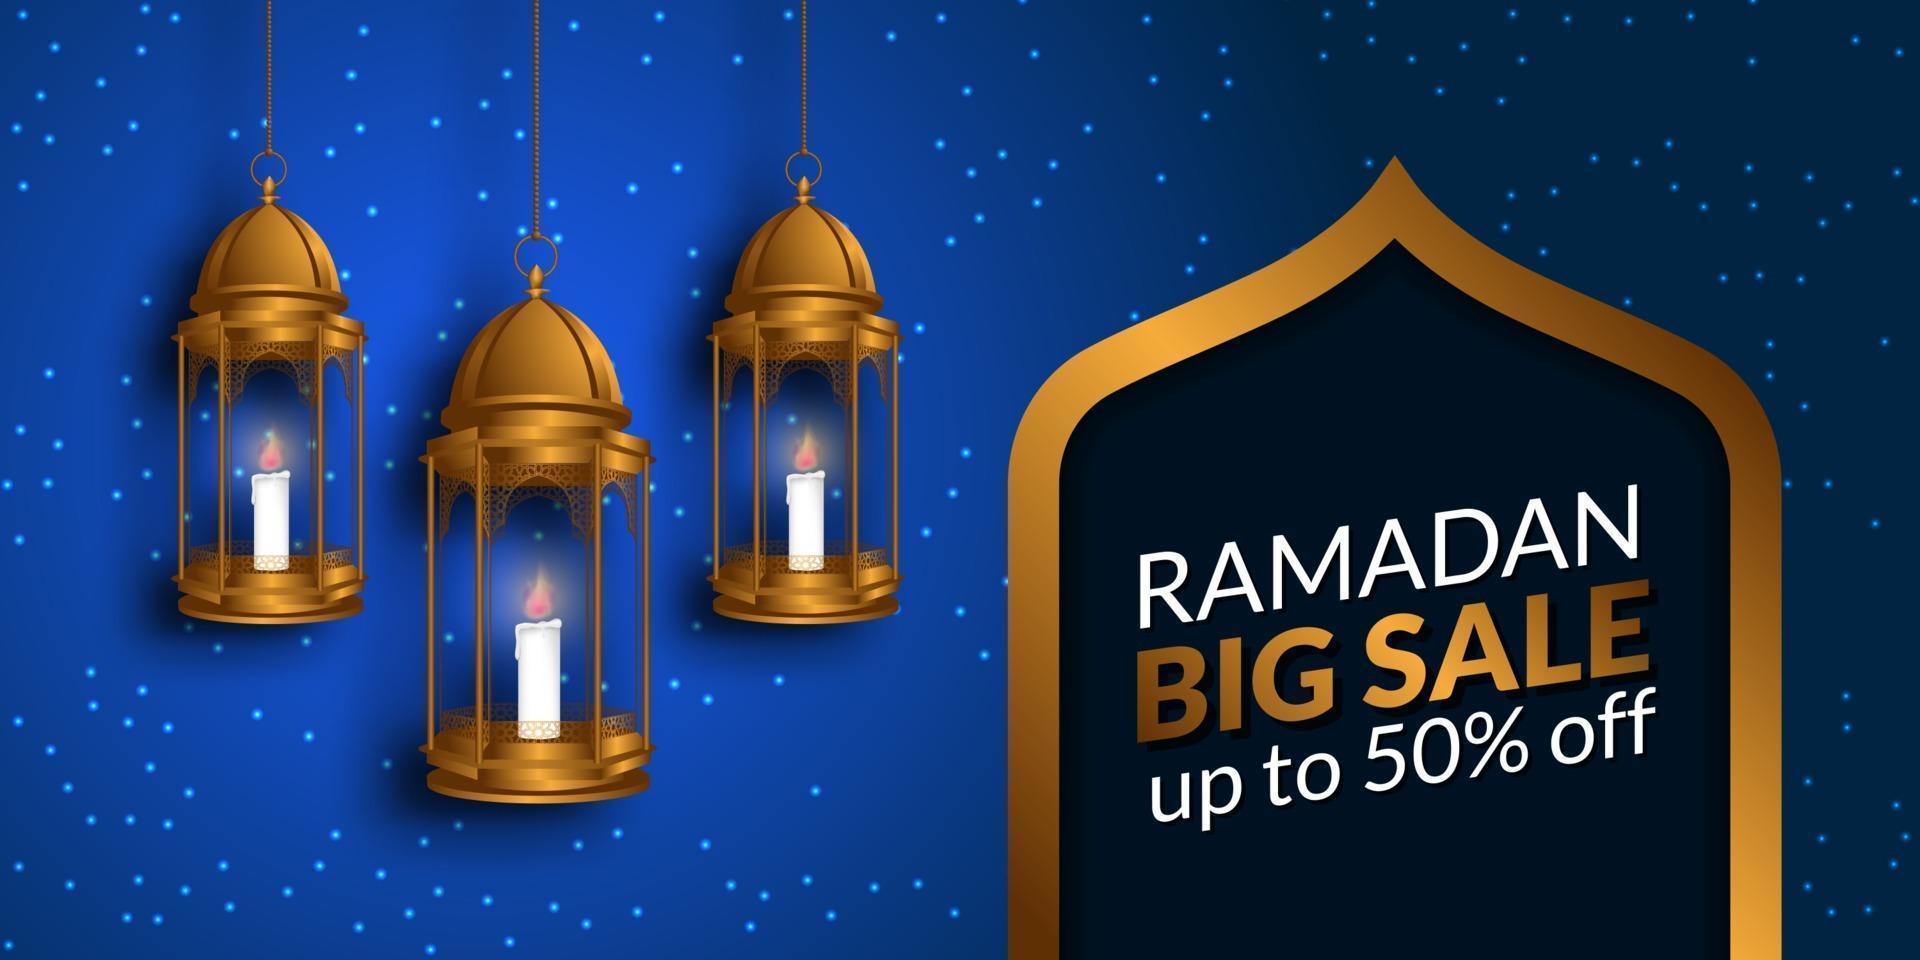 grande venda do mês de jejum sagrado do Ramadã para muçulmanos com ilustração de uma lanterna dourada pendurada vetor